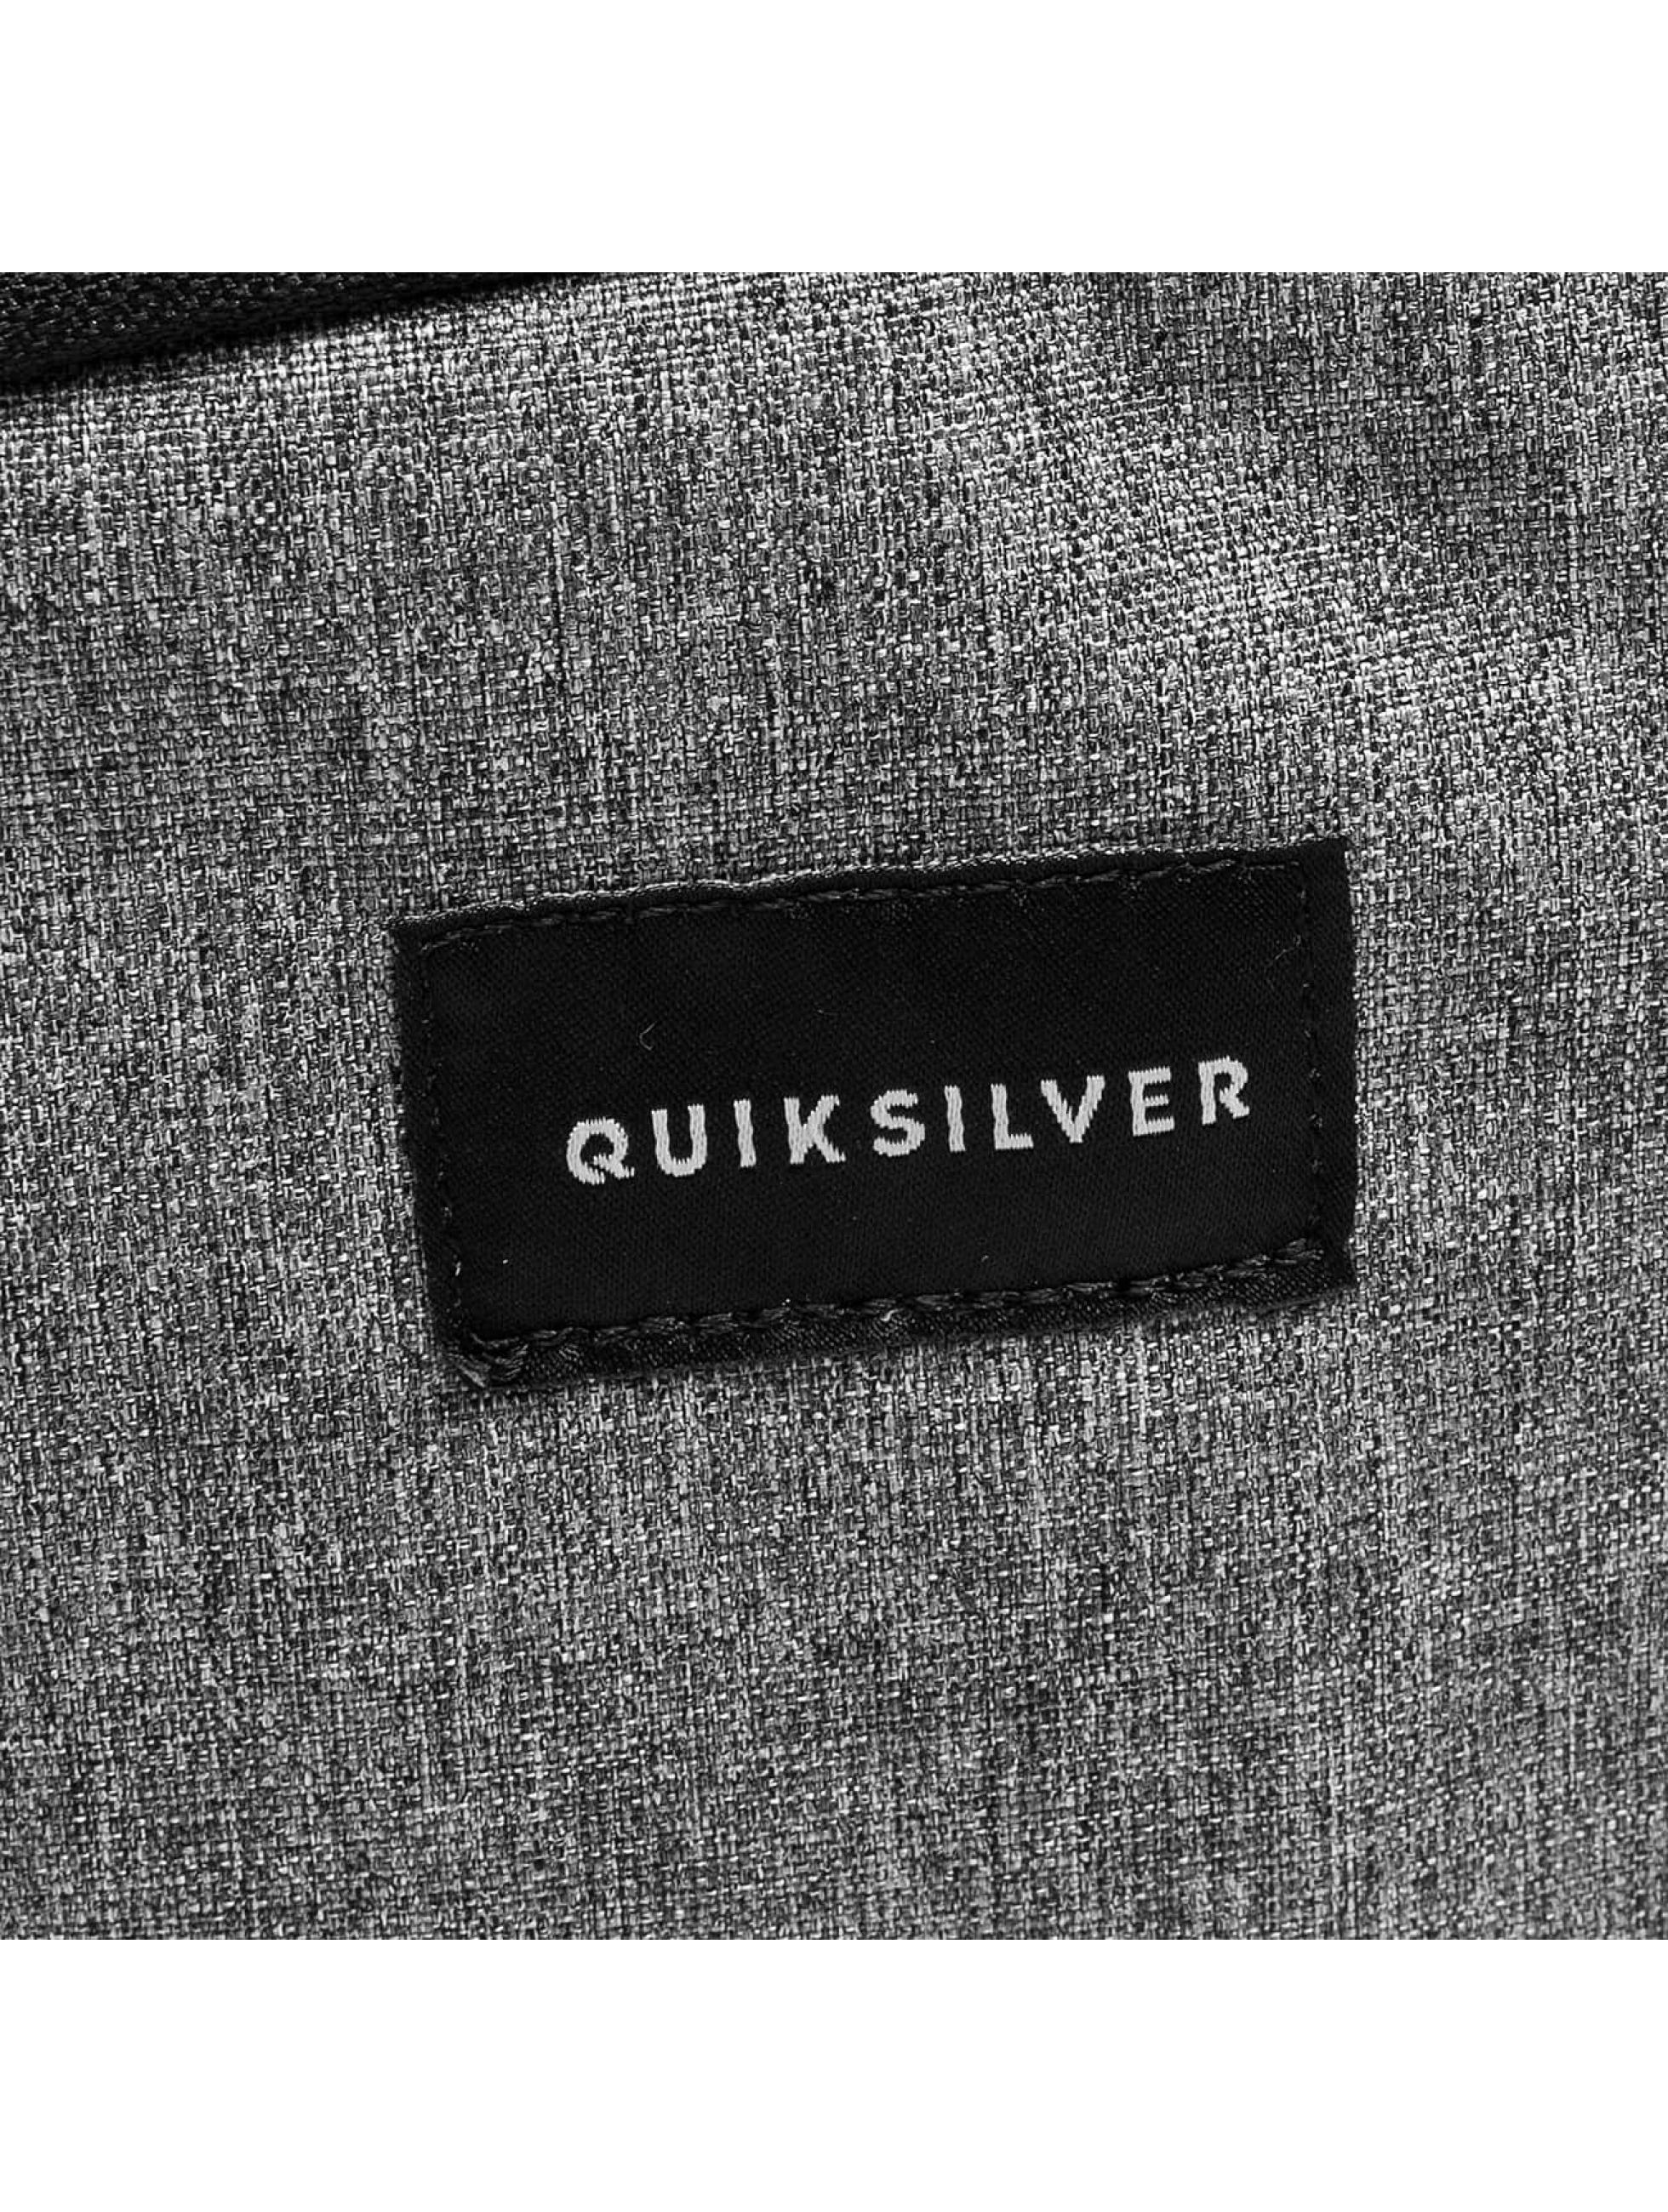 Quiksilver Zaino 1969 Special grigio